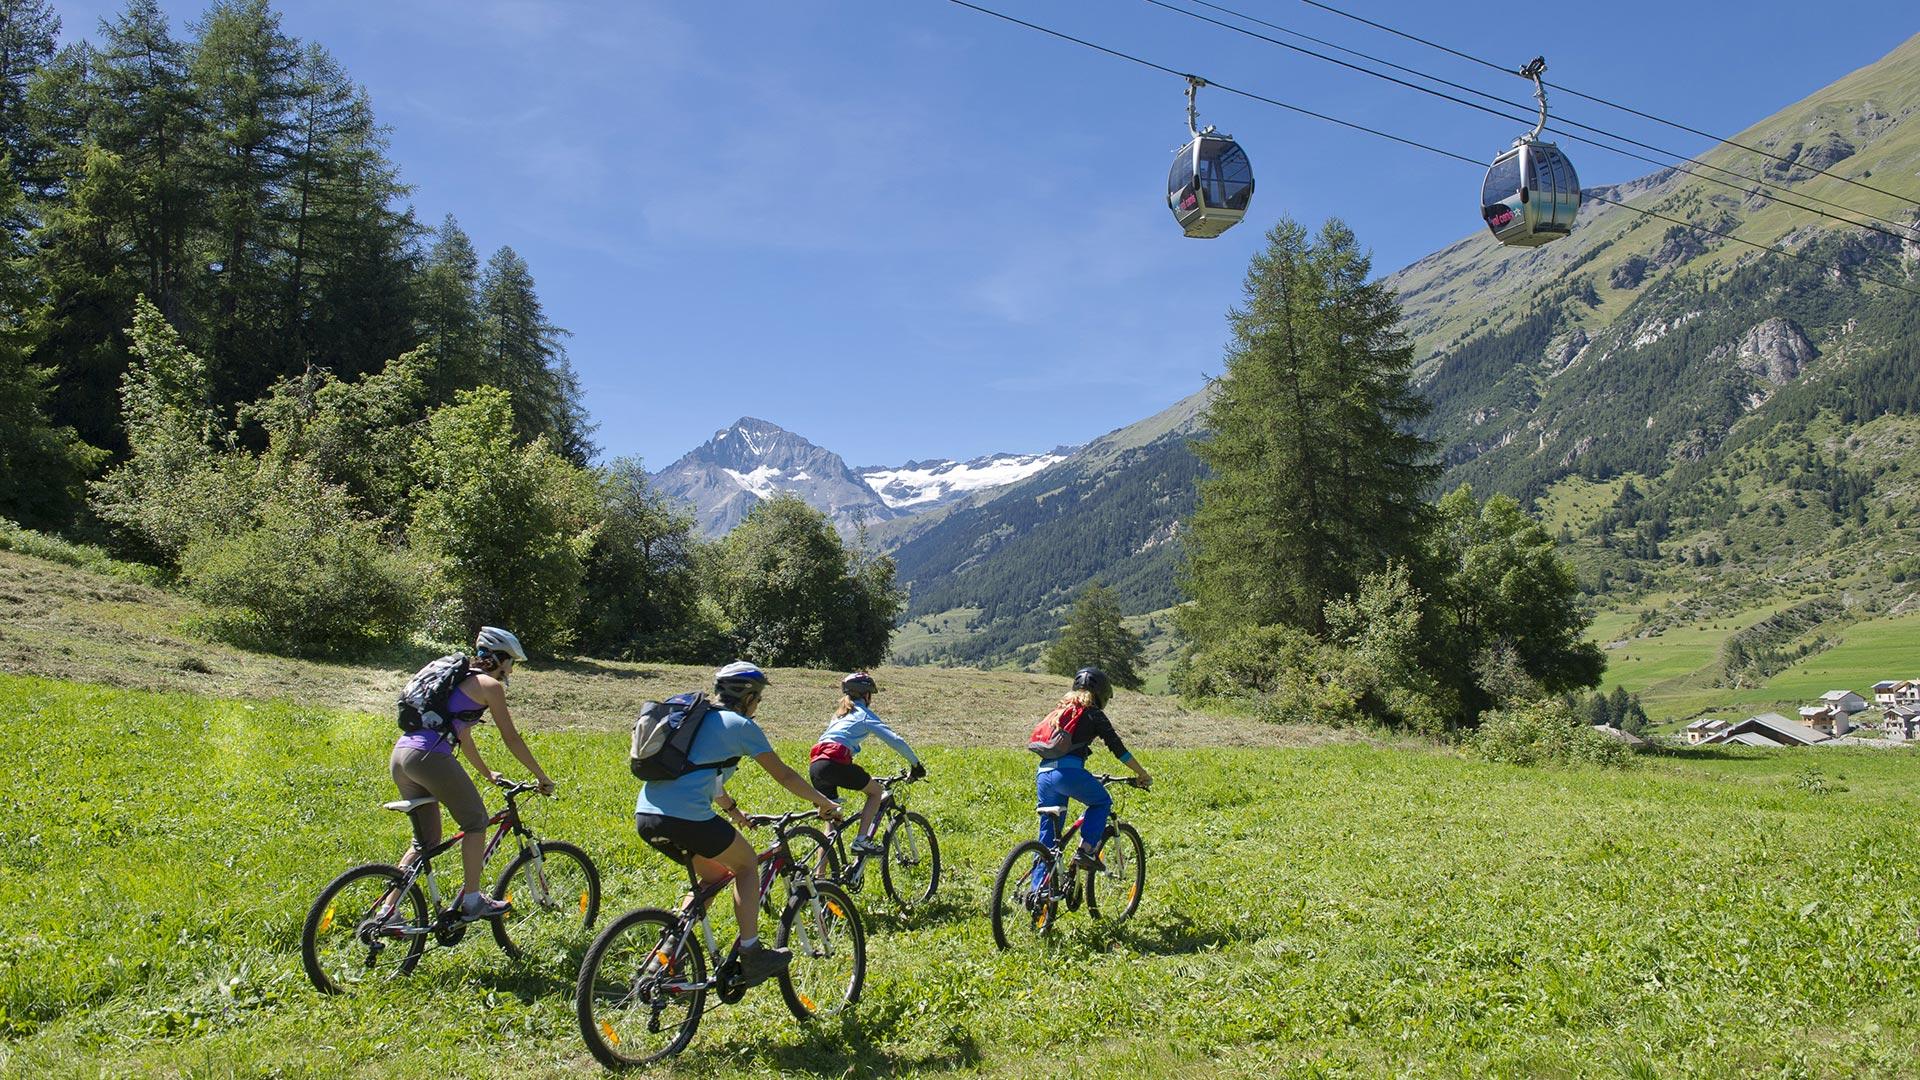 Cap sur la Haute Maurienne Vanoise en famille cet été ! Un délice d'activités et du plaisir à VTT